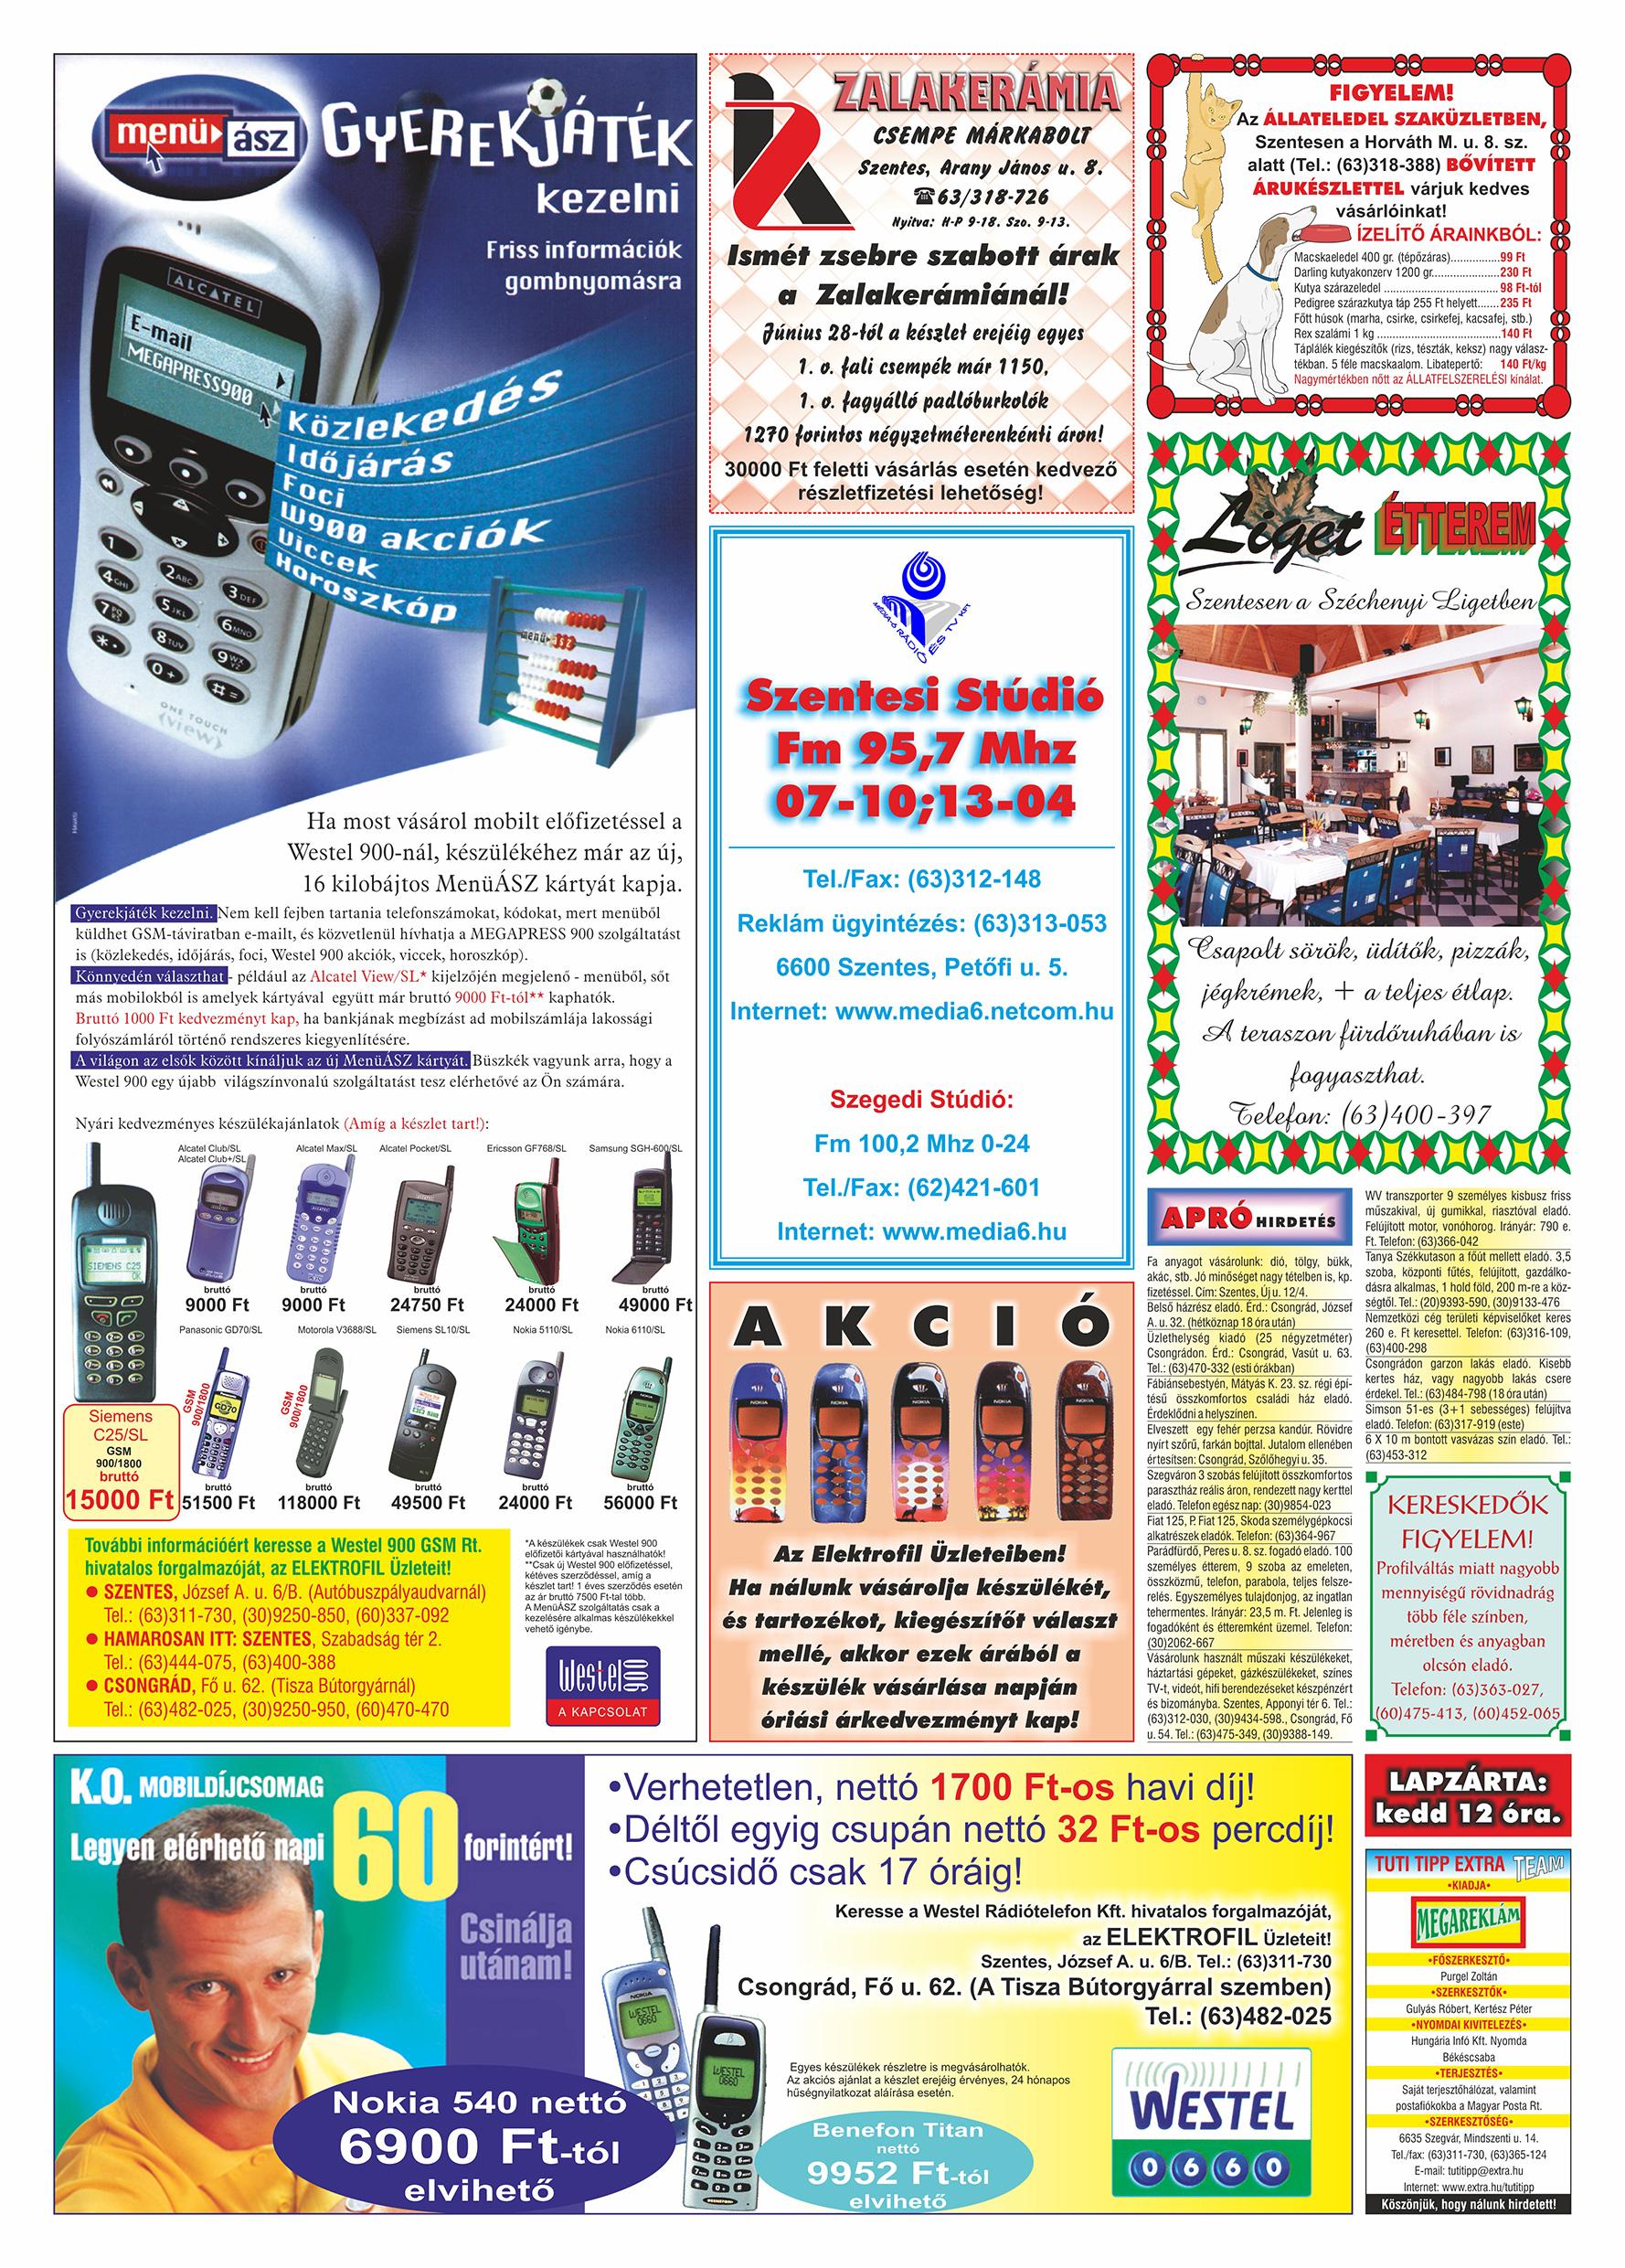 036 Tuti Tipp Extra reklámújság - 19990724-005. lapszám - 2.oldal - V. évfolyam.jpg